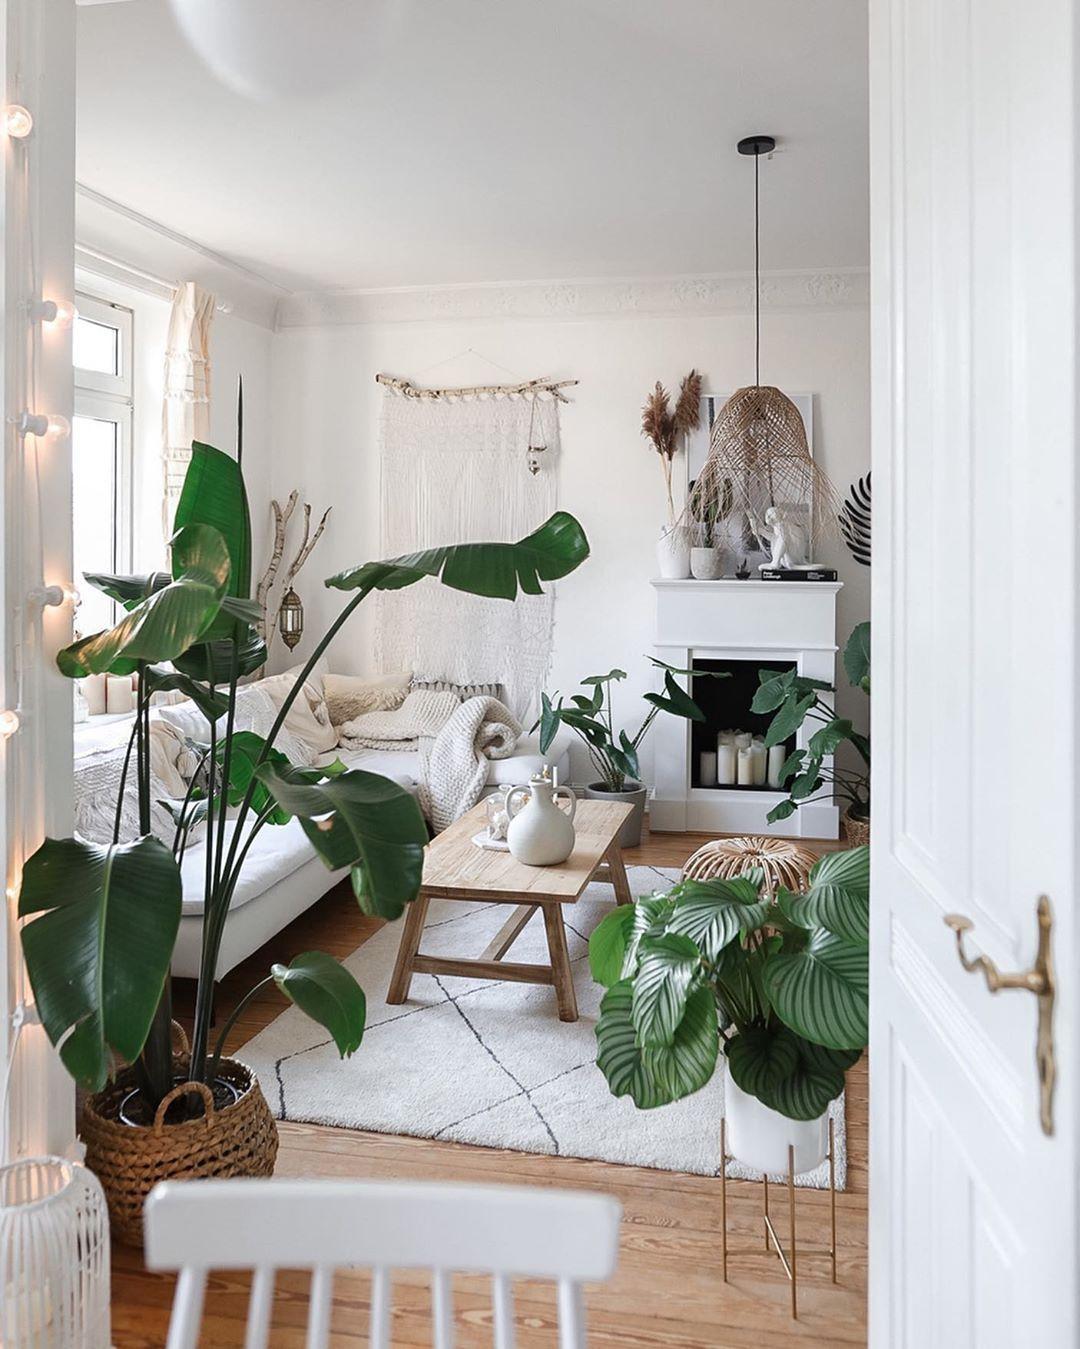 Pflanzen • Bilder & Ideen • COUCH